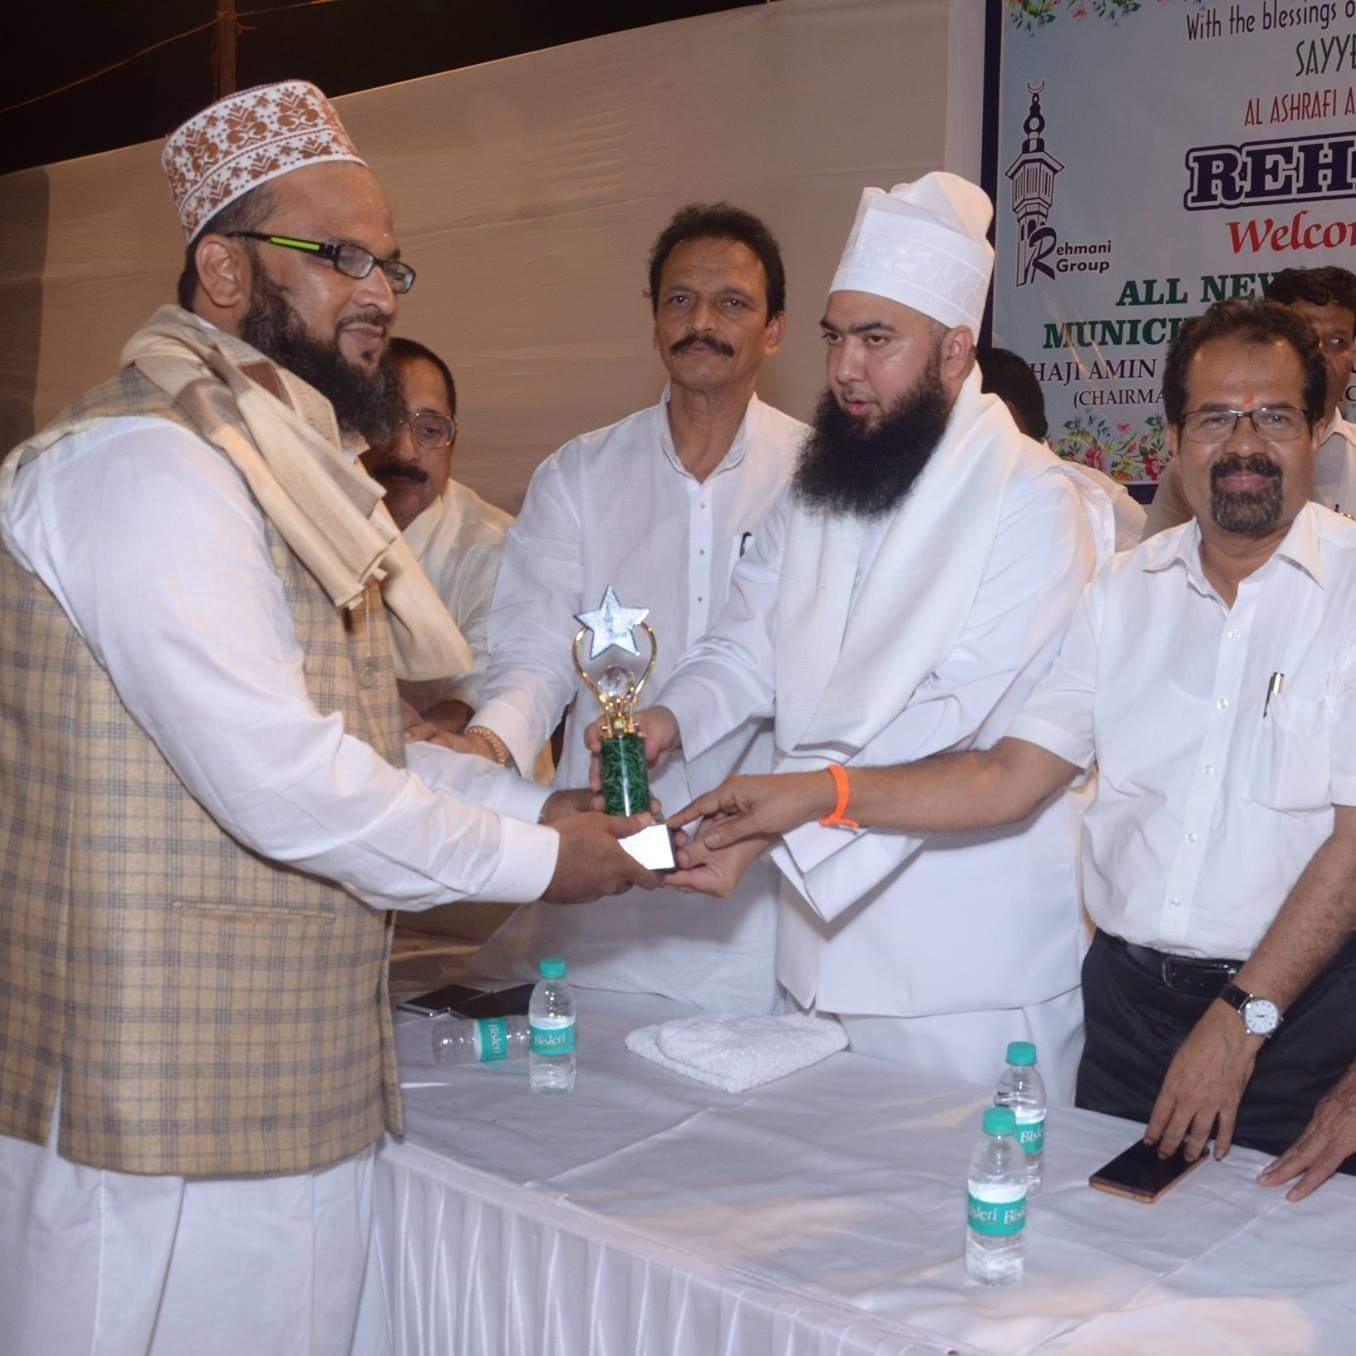 वरिष्ठ अधिकारियों के साथ फोटो देख कर धोखा न खाऐं , मस्जिद चोर और सुन्नयित के सौदागर से खुद को बचाऐं